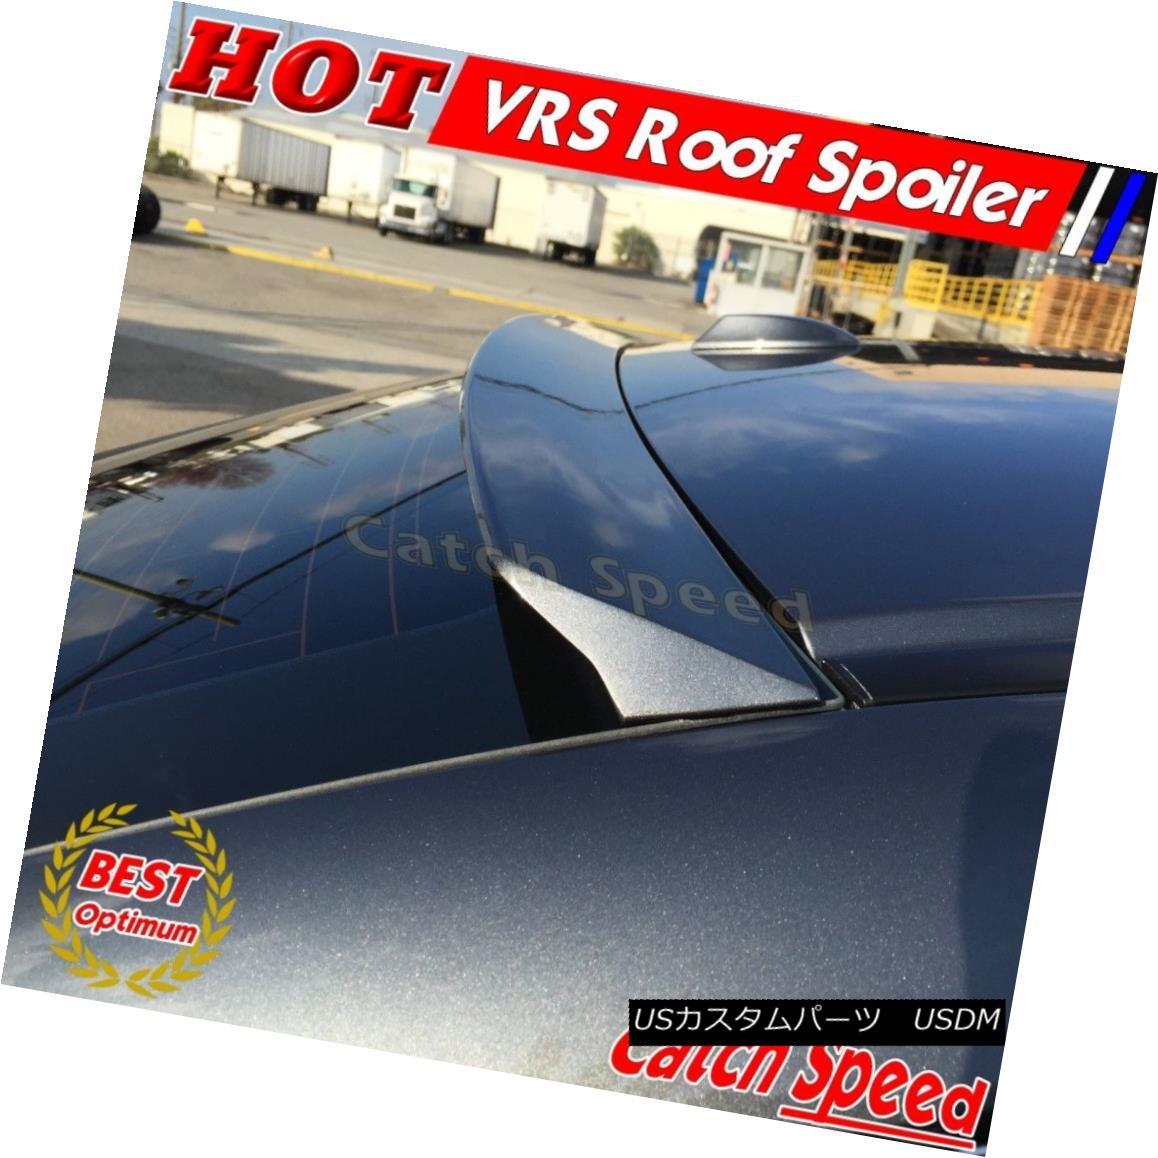 エアロパーツ Flat Black VRS Type Rear Roof Spoiler Wing For Honda CIVIC US Coupe 2001-2005 ホンダシビックUS Coupe 2001-2005用フラットブラックVSタイプリアルーフスポイラーウイング